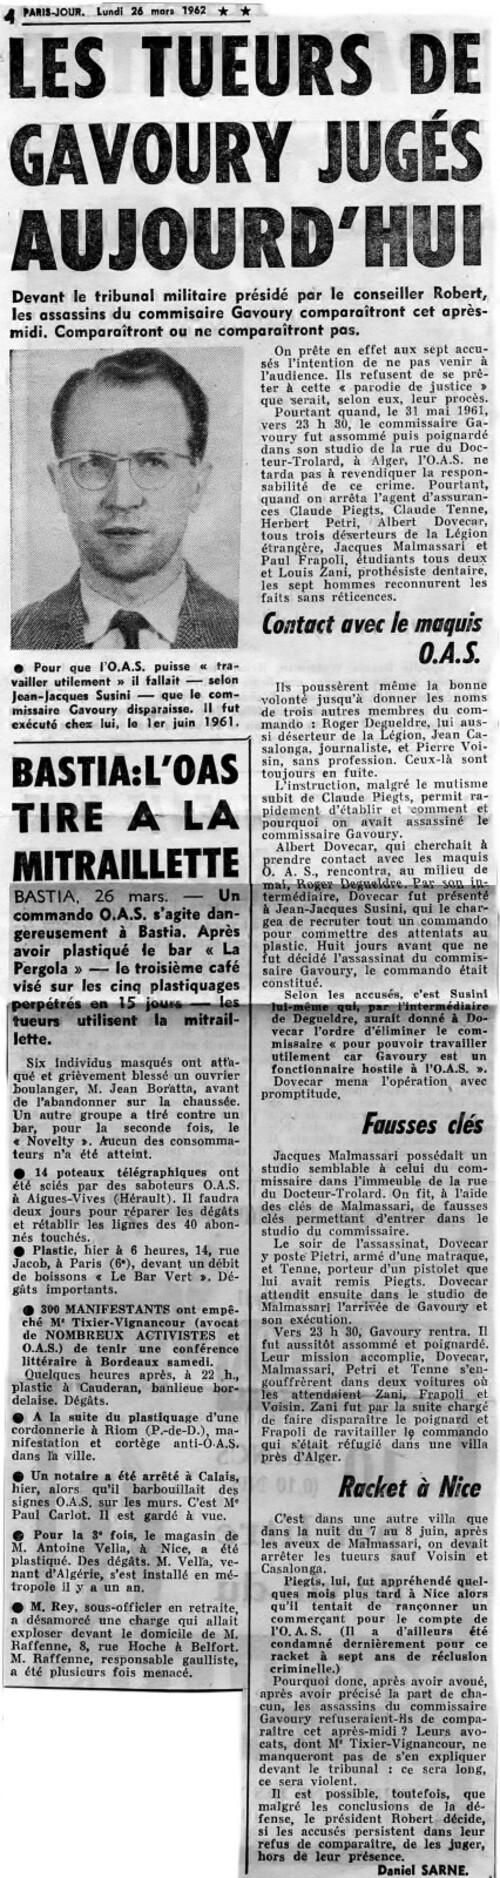 Le 26 mars 1962, deux faits marquants : début du procès des assassins de Roger Gavoury commissaire central d'Alger et la fusillade de la rue d'Isly à Alger